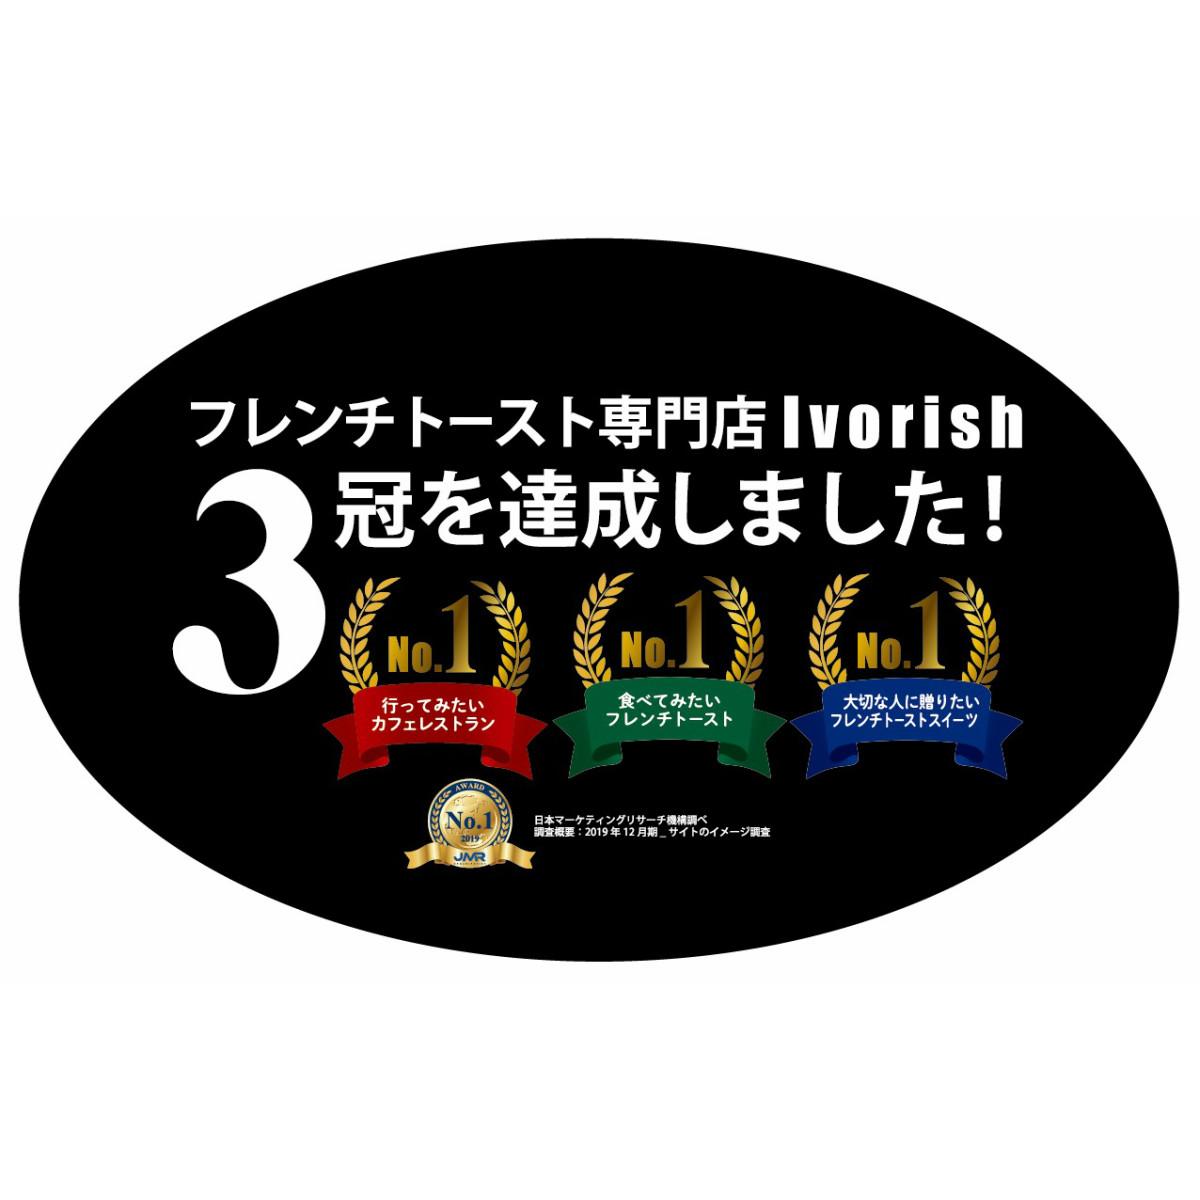 フレンチトーストクッキー(6個入り)(福岡便)